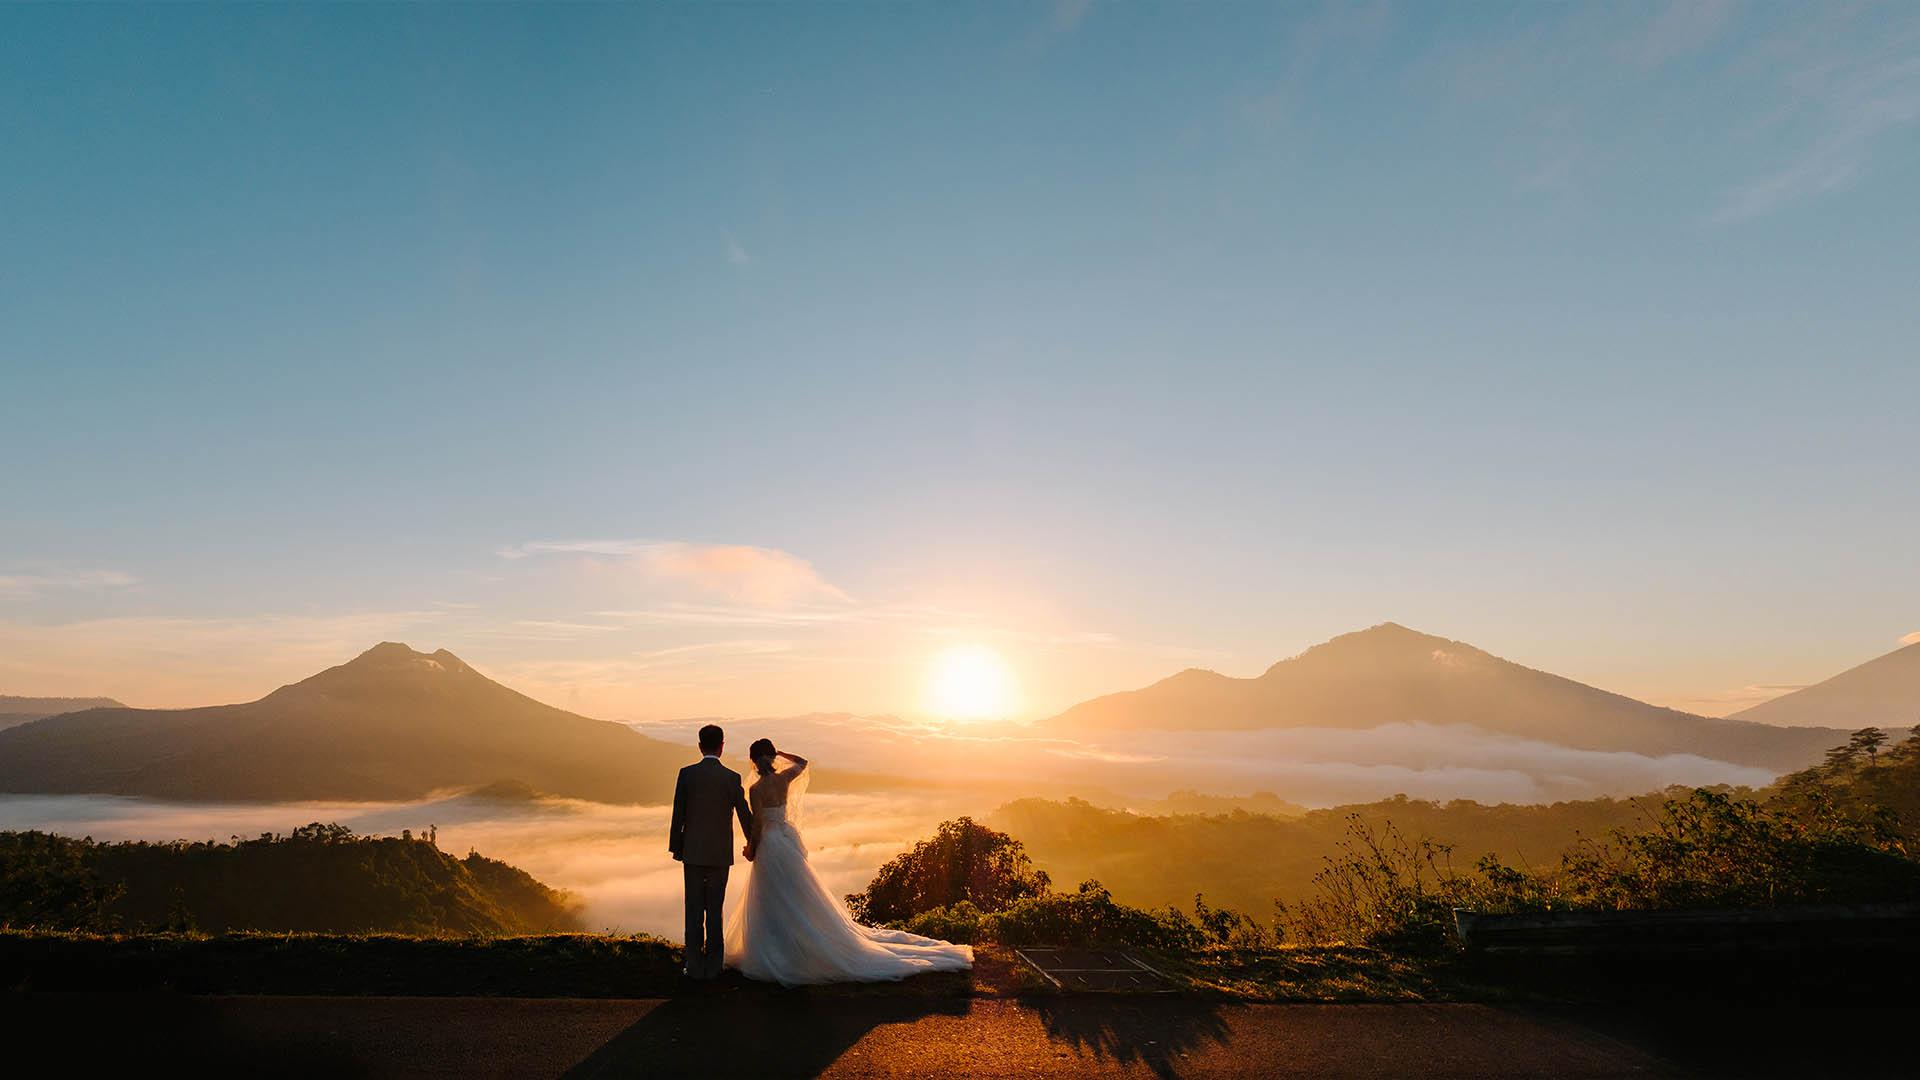 Gusmank Photography - Bali Wedding Photographer